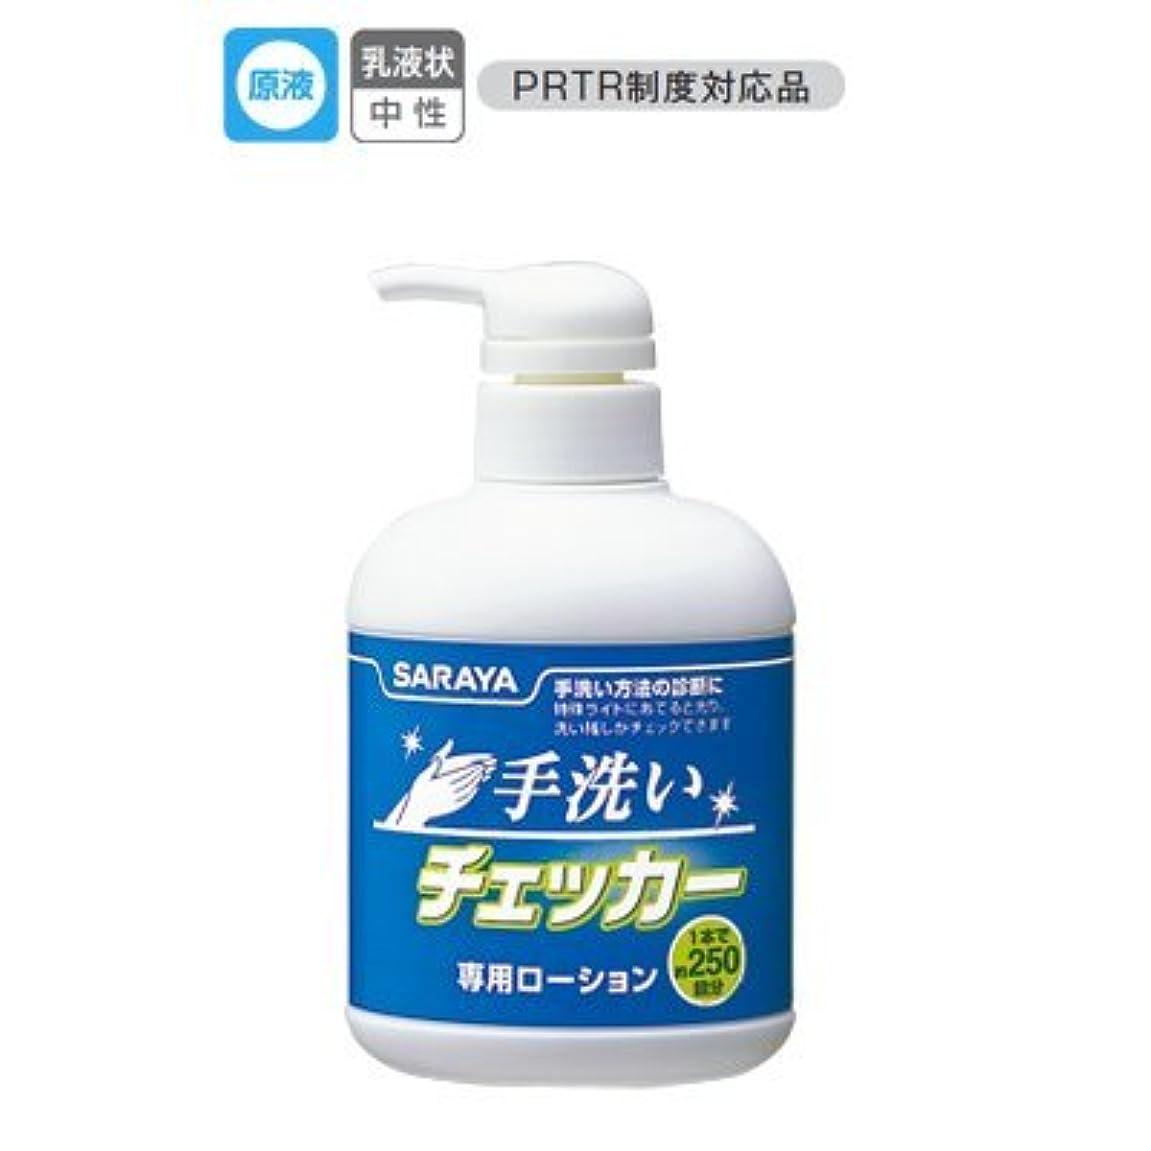 ファントムコーヒー困難サラヤ 手洗いチェッカー 専用ローション 250mL【清潔キレイ館】